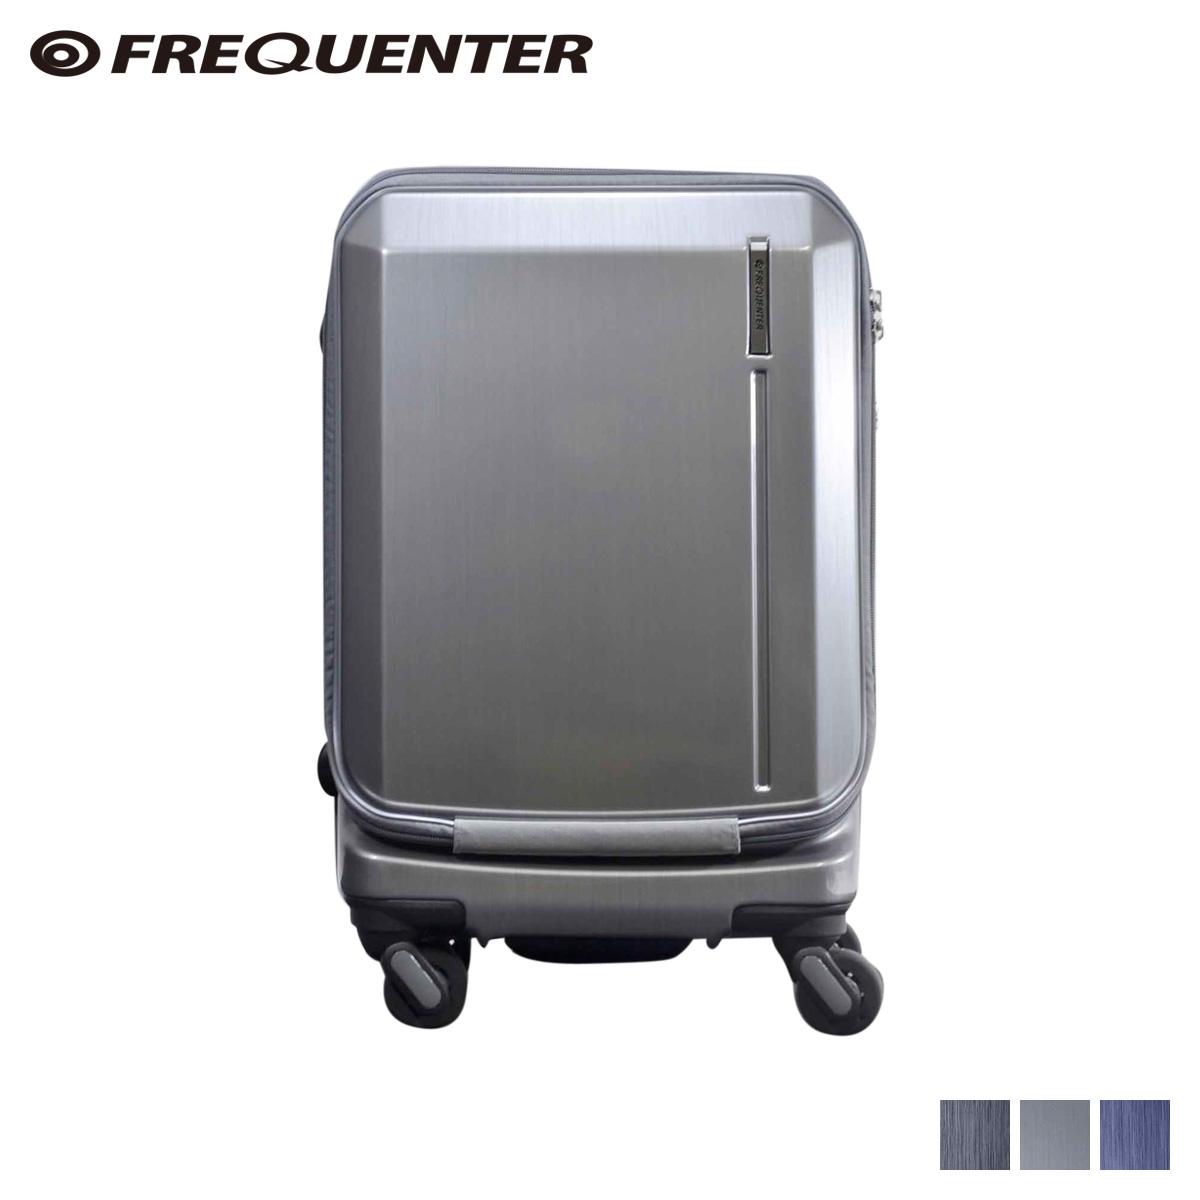 フリクエンター FREQUENTER グランド スーツケース キャリーケース キャリーバッグ メンズ 34L GRAND ブラック グレー ネイビー 黒 1-360